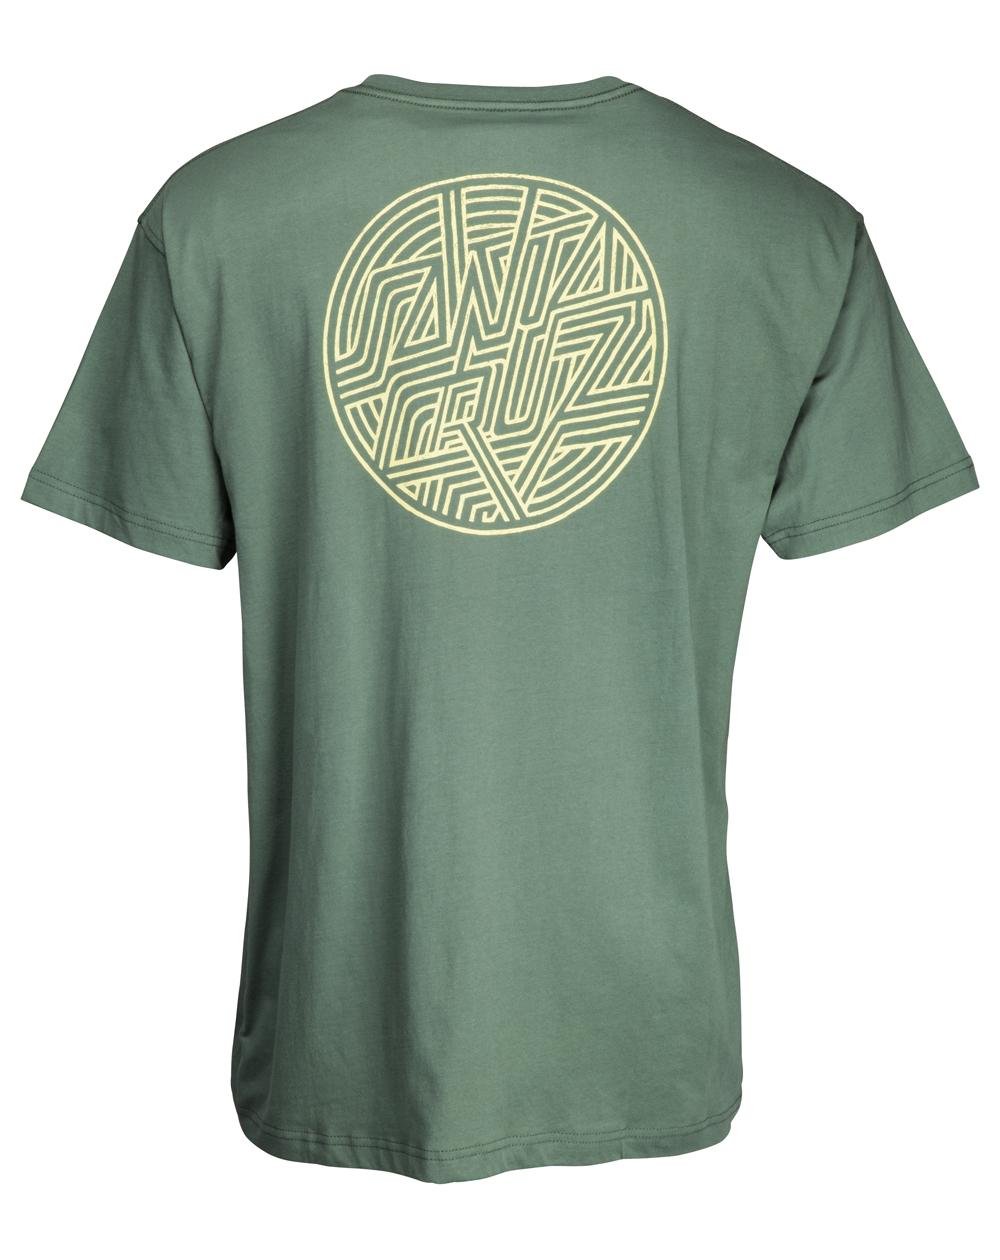 Santa Cruz Men's T-Shirt Dimension Dot Sage